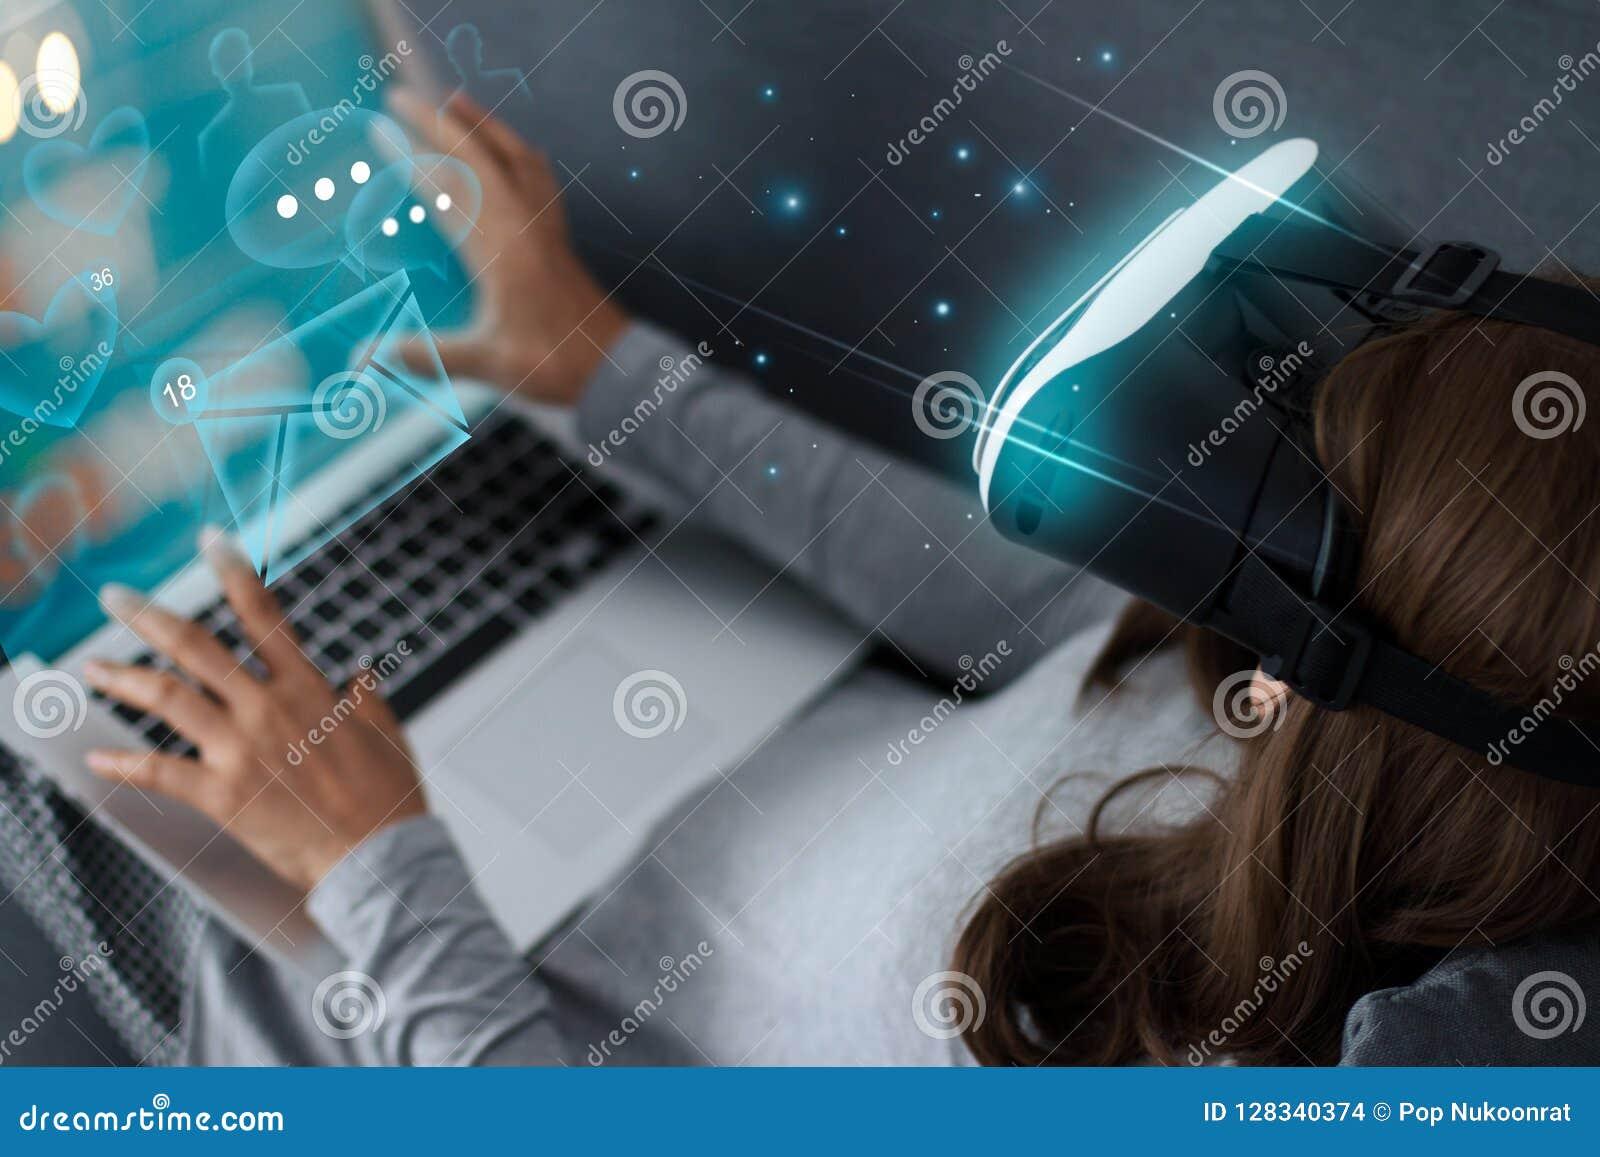 Sociaal media concept Toekomstige technologieinnovatie